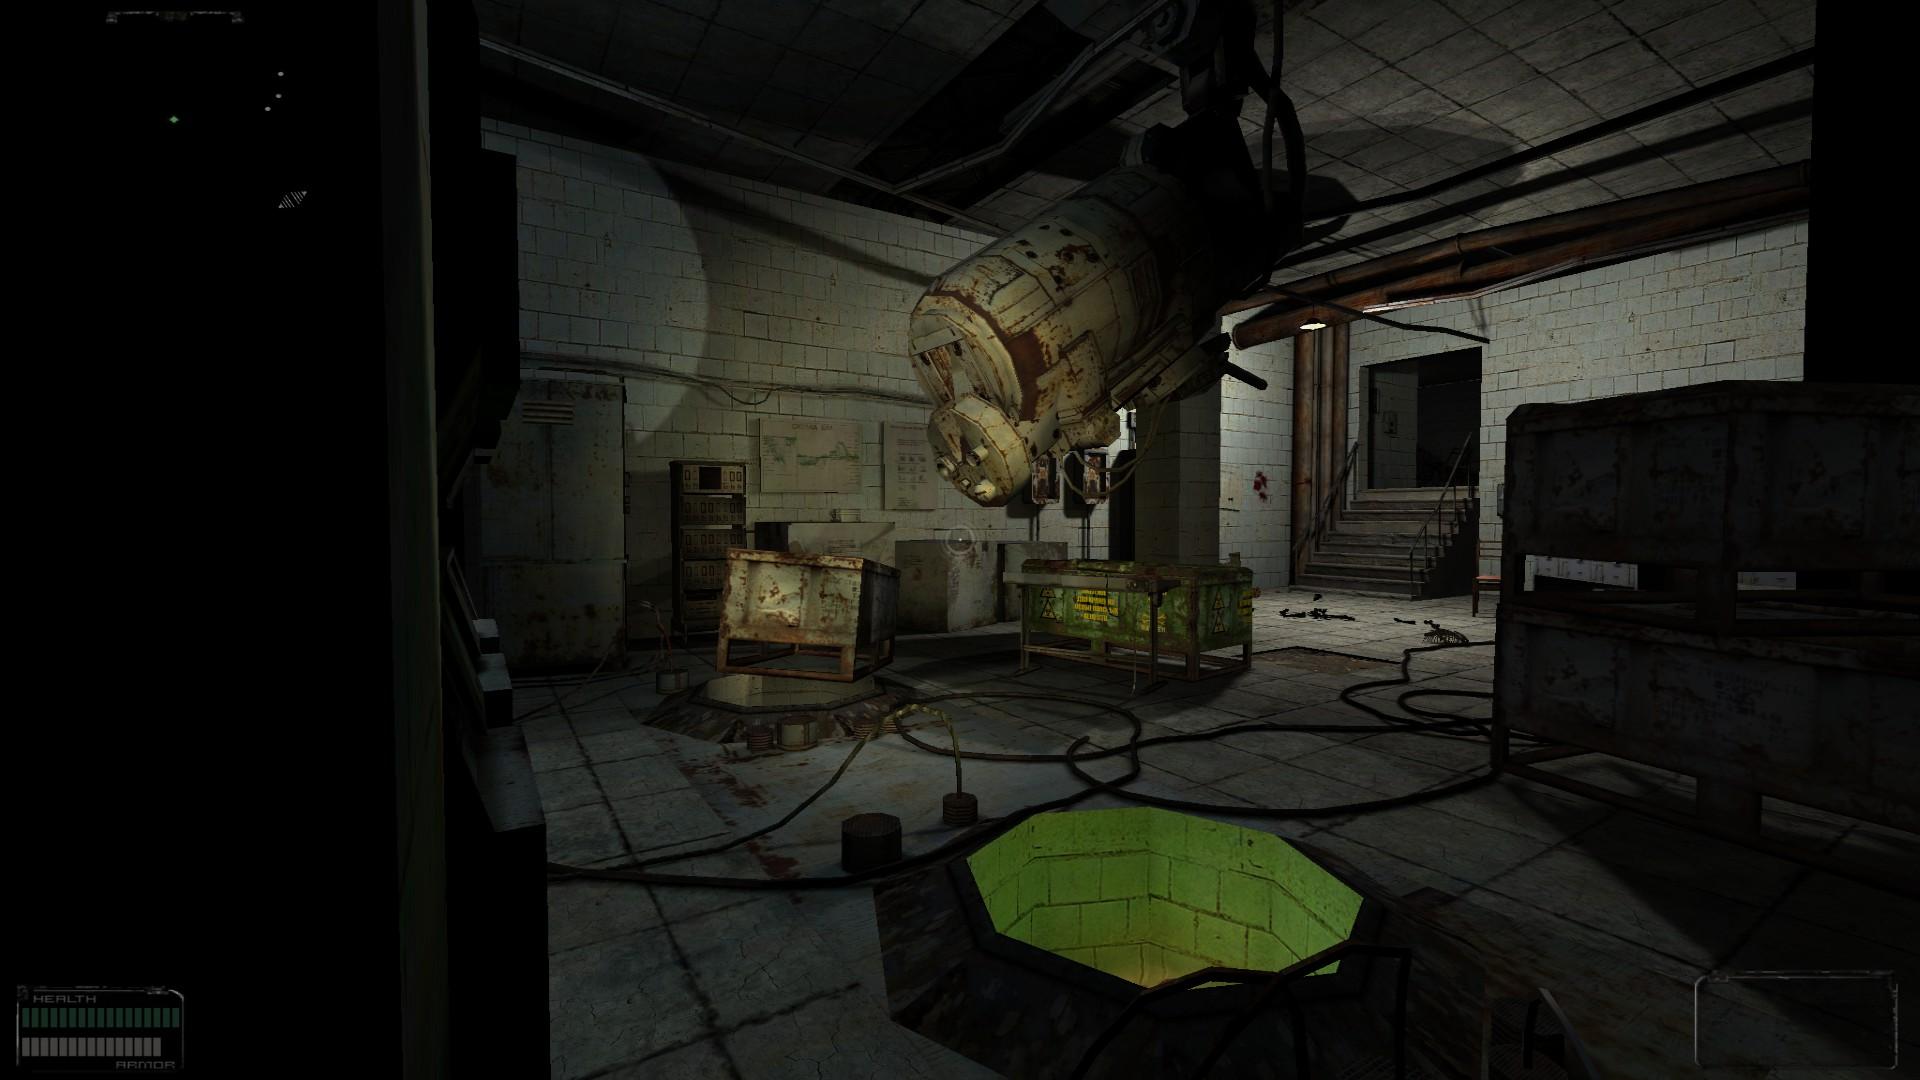 Oblivion Lost Remake 2.5 image 278